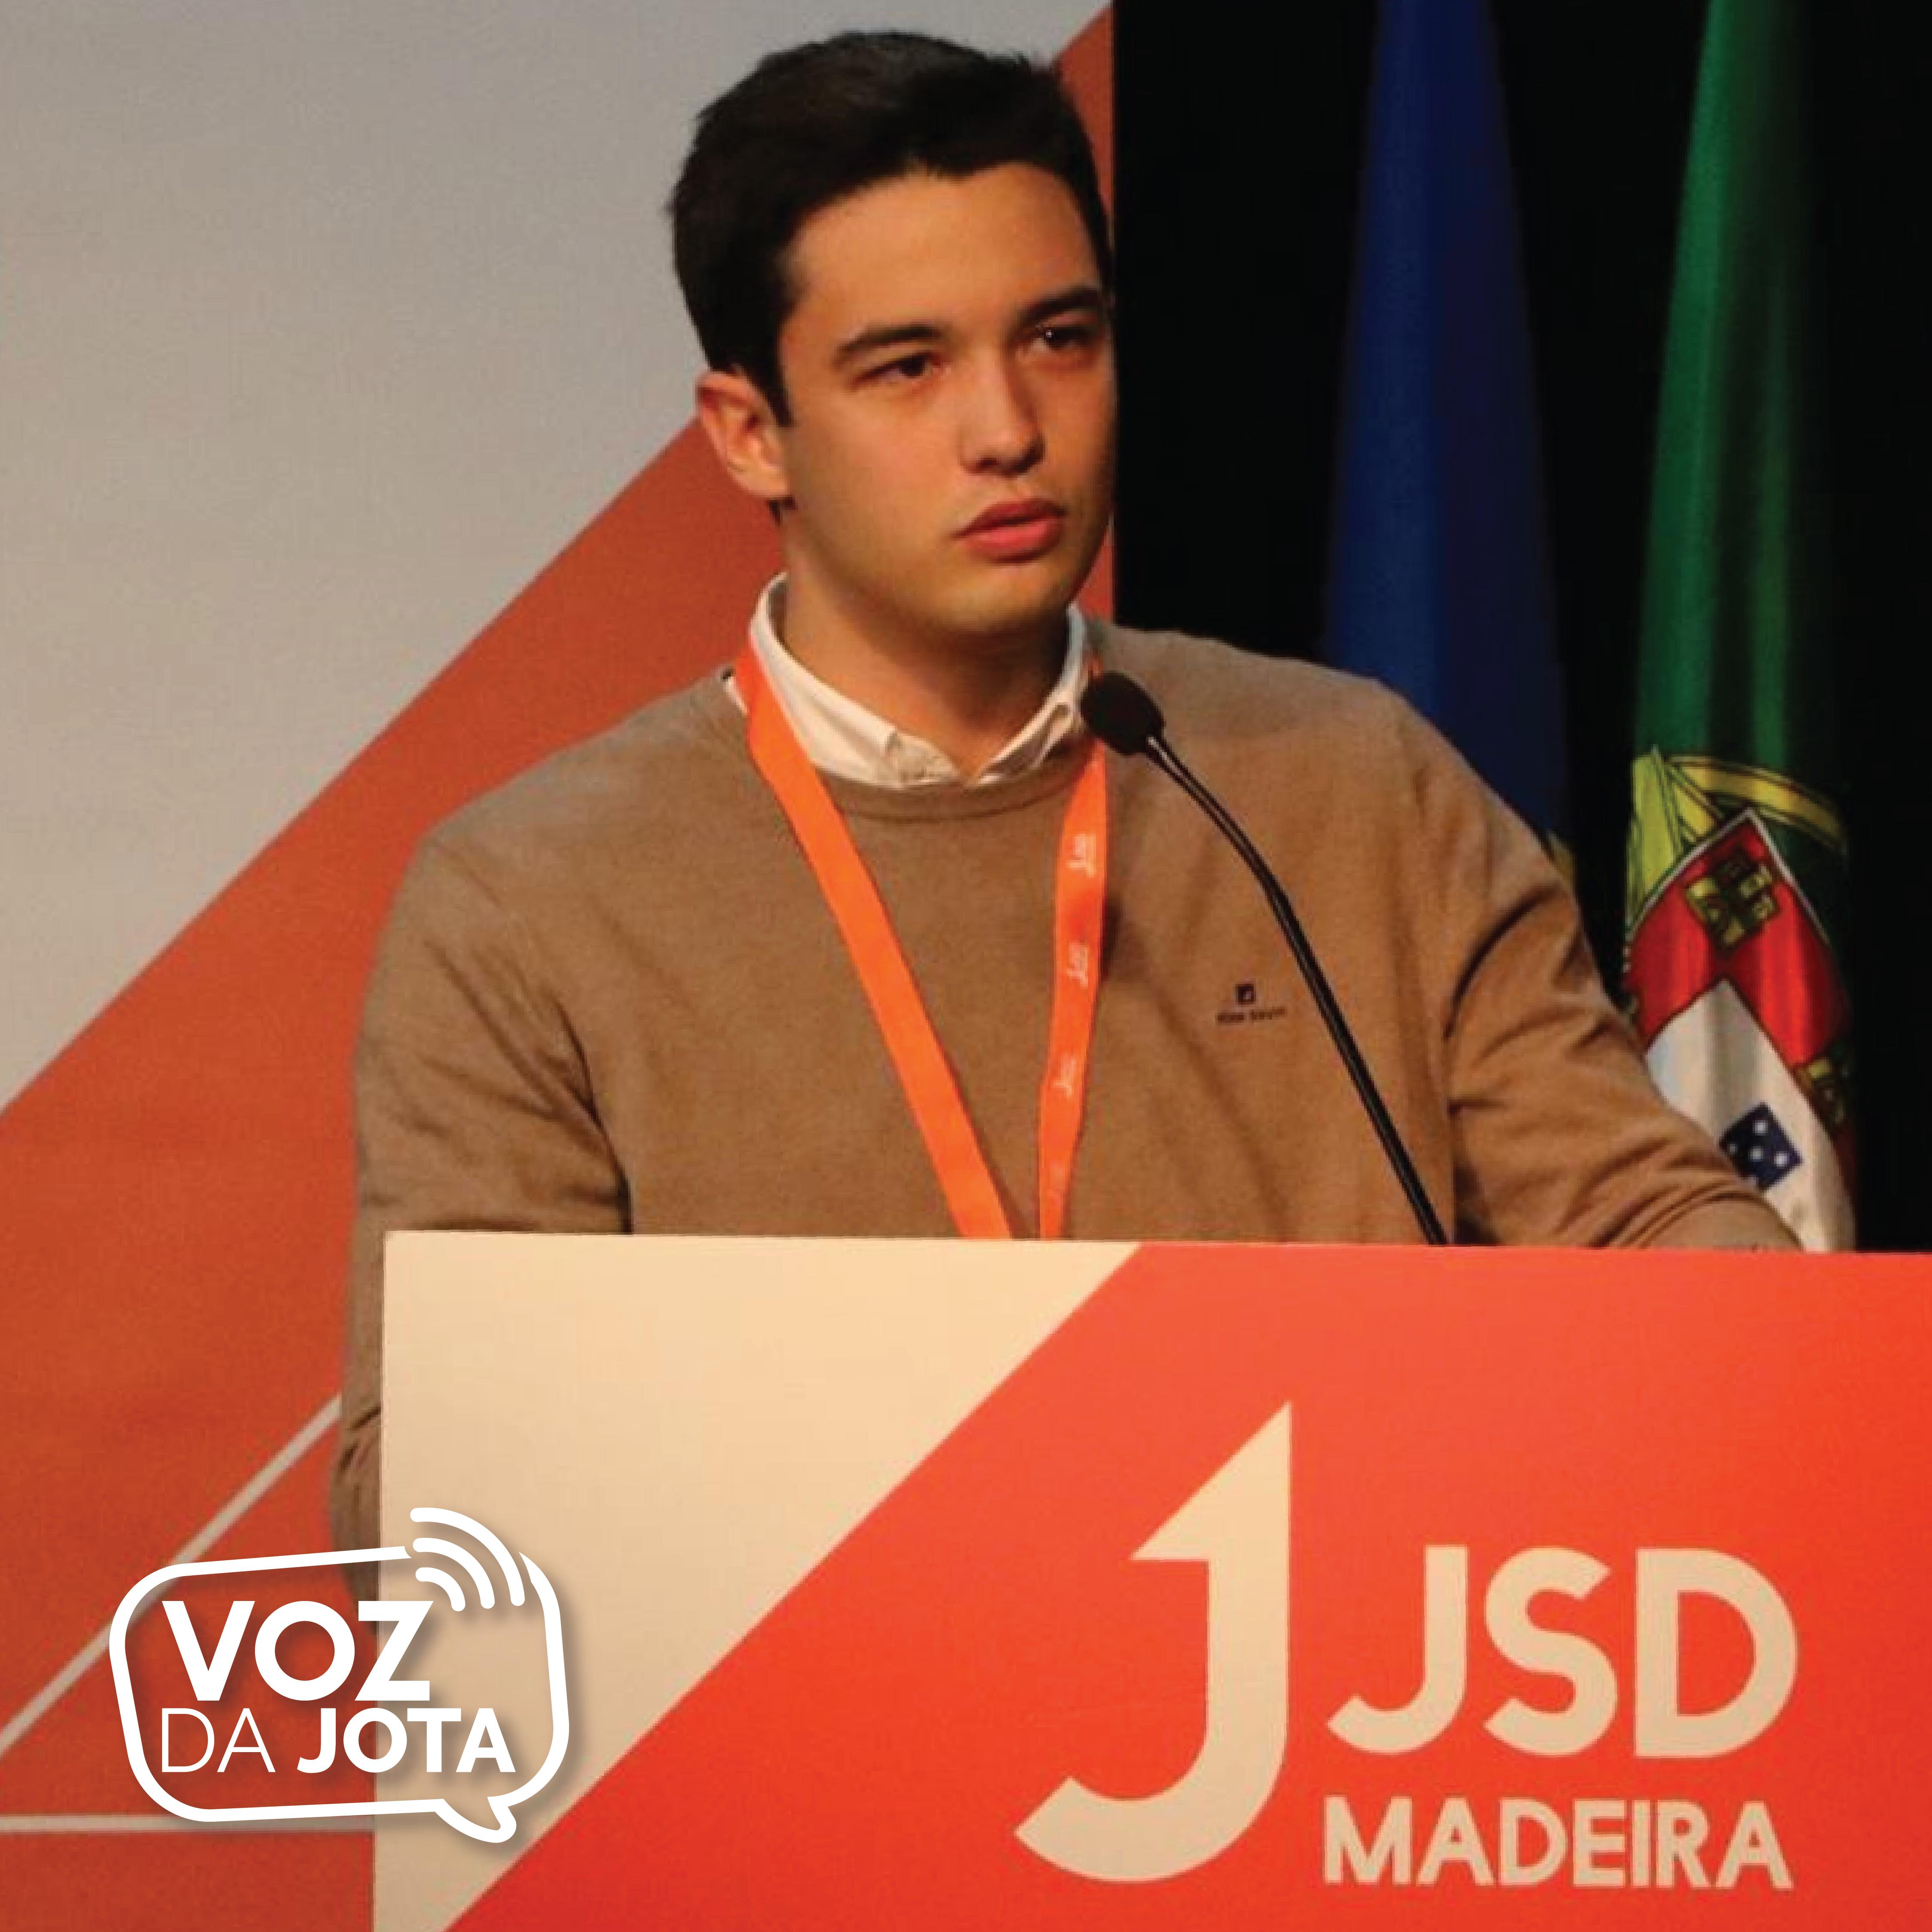 Jose_Pedro_Prada_vozdajota_site